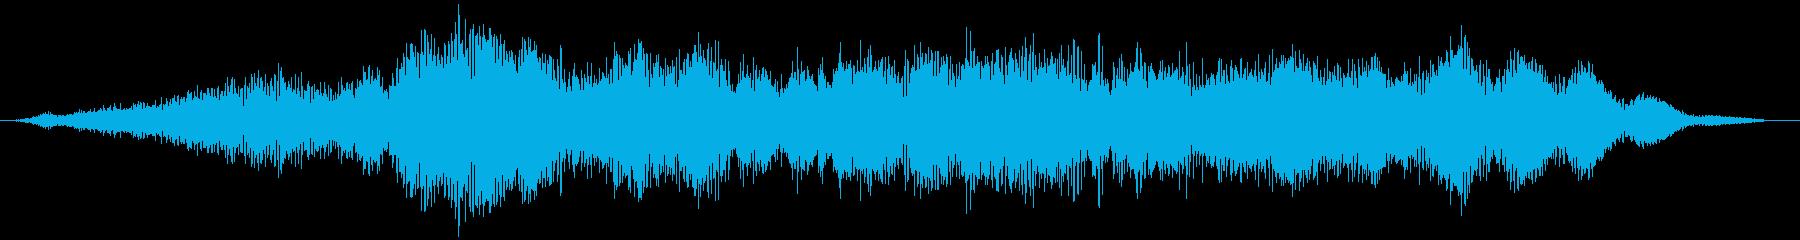 【ダークアンビエント】薄暗い黄泉の国の再生済みの波形